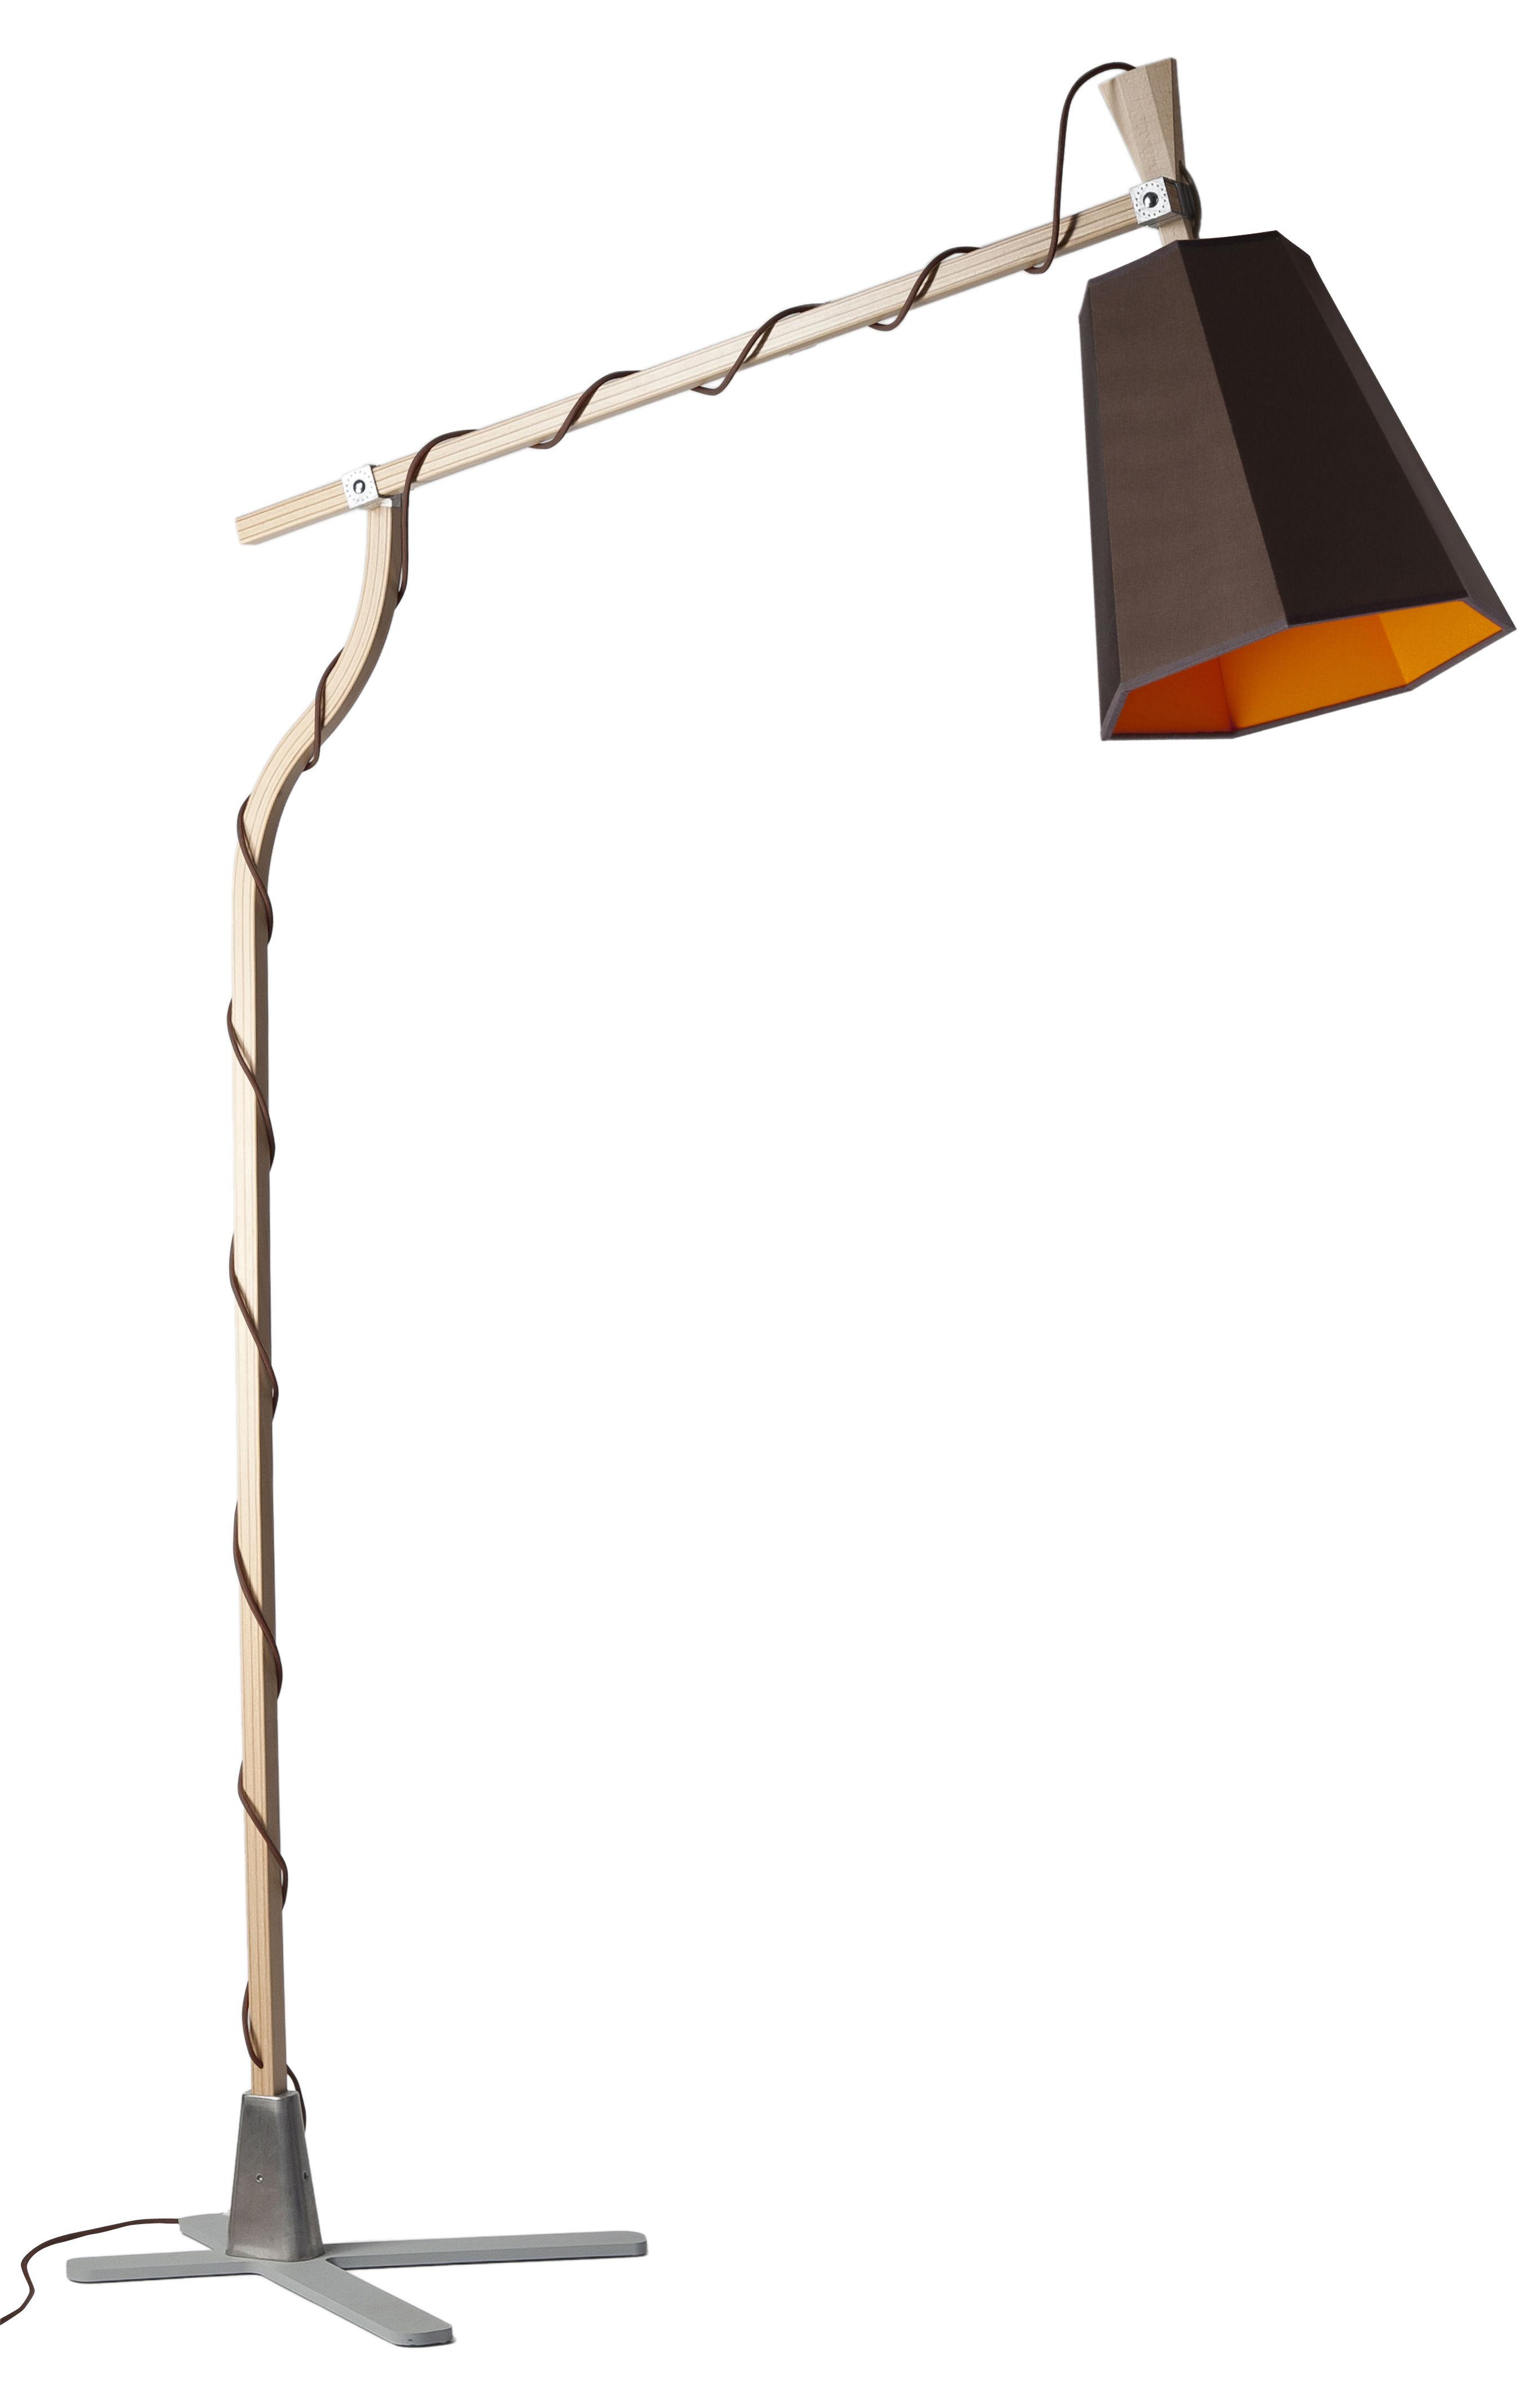 Illuminazione - Lampade da terra - Lampada a stelo LuXiole - H 225 cm di Designheure - Paralume marrone / interno arancione - Acciaio laccato, Cotone, Faggio